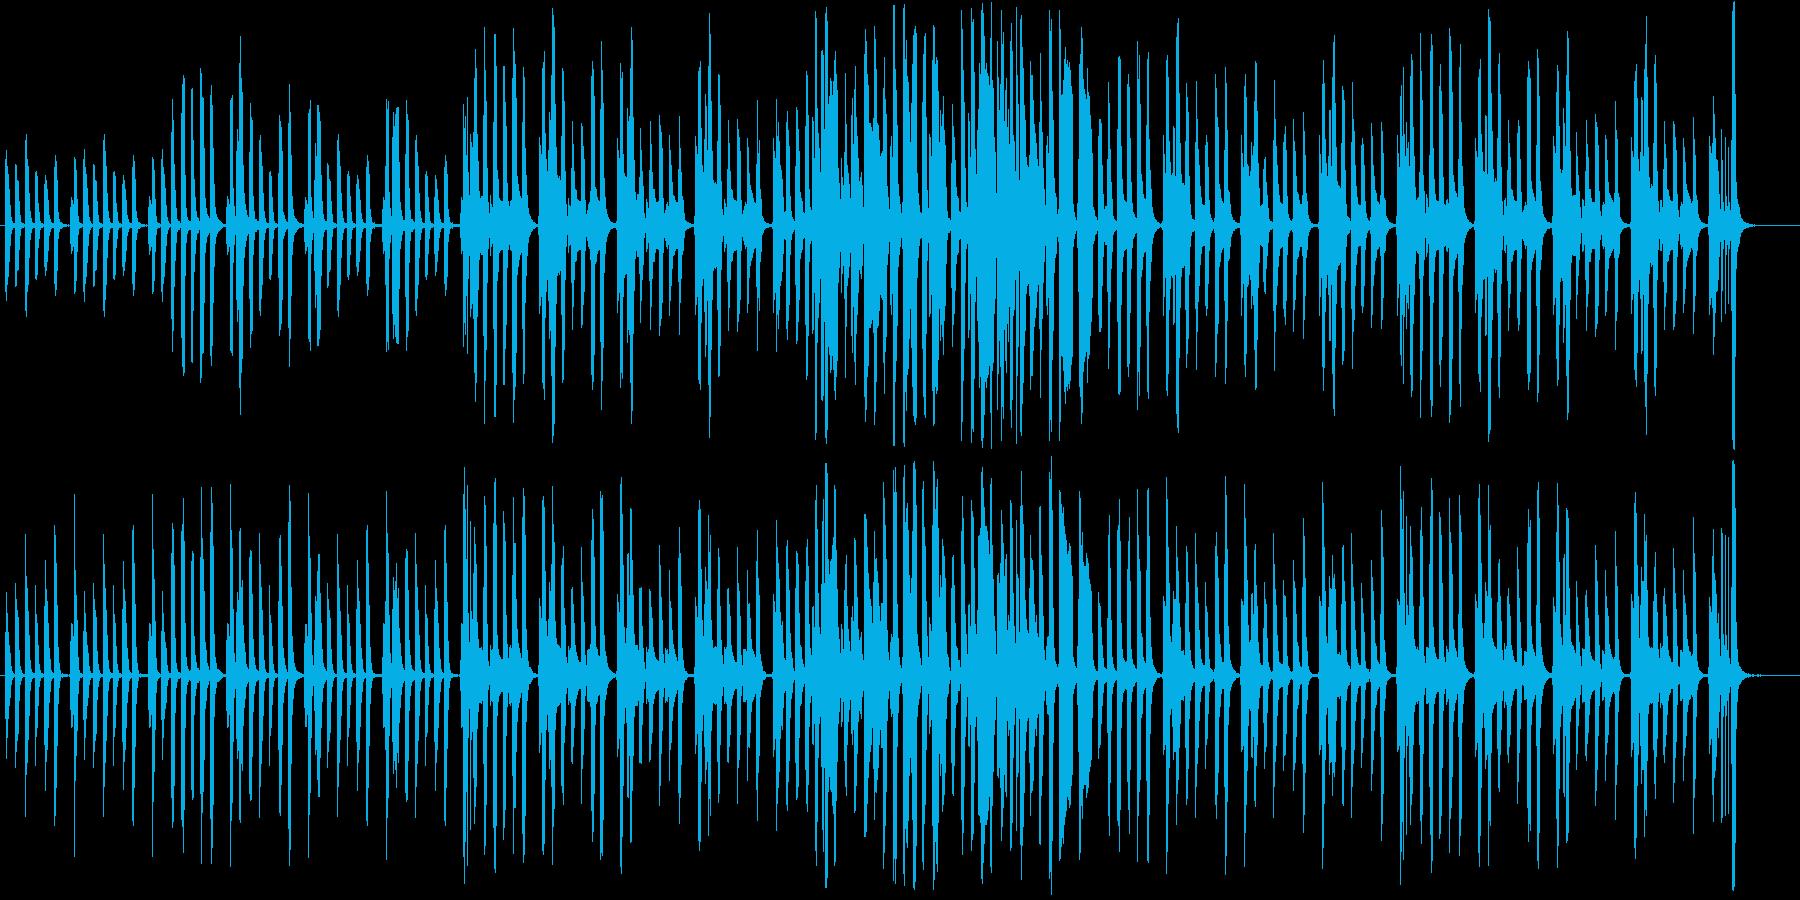 リコーダーとピアノの軽やかで可愛らしい曲の再生済みの波形